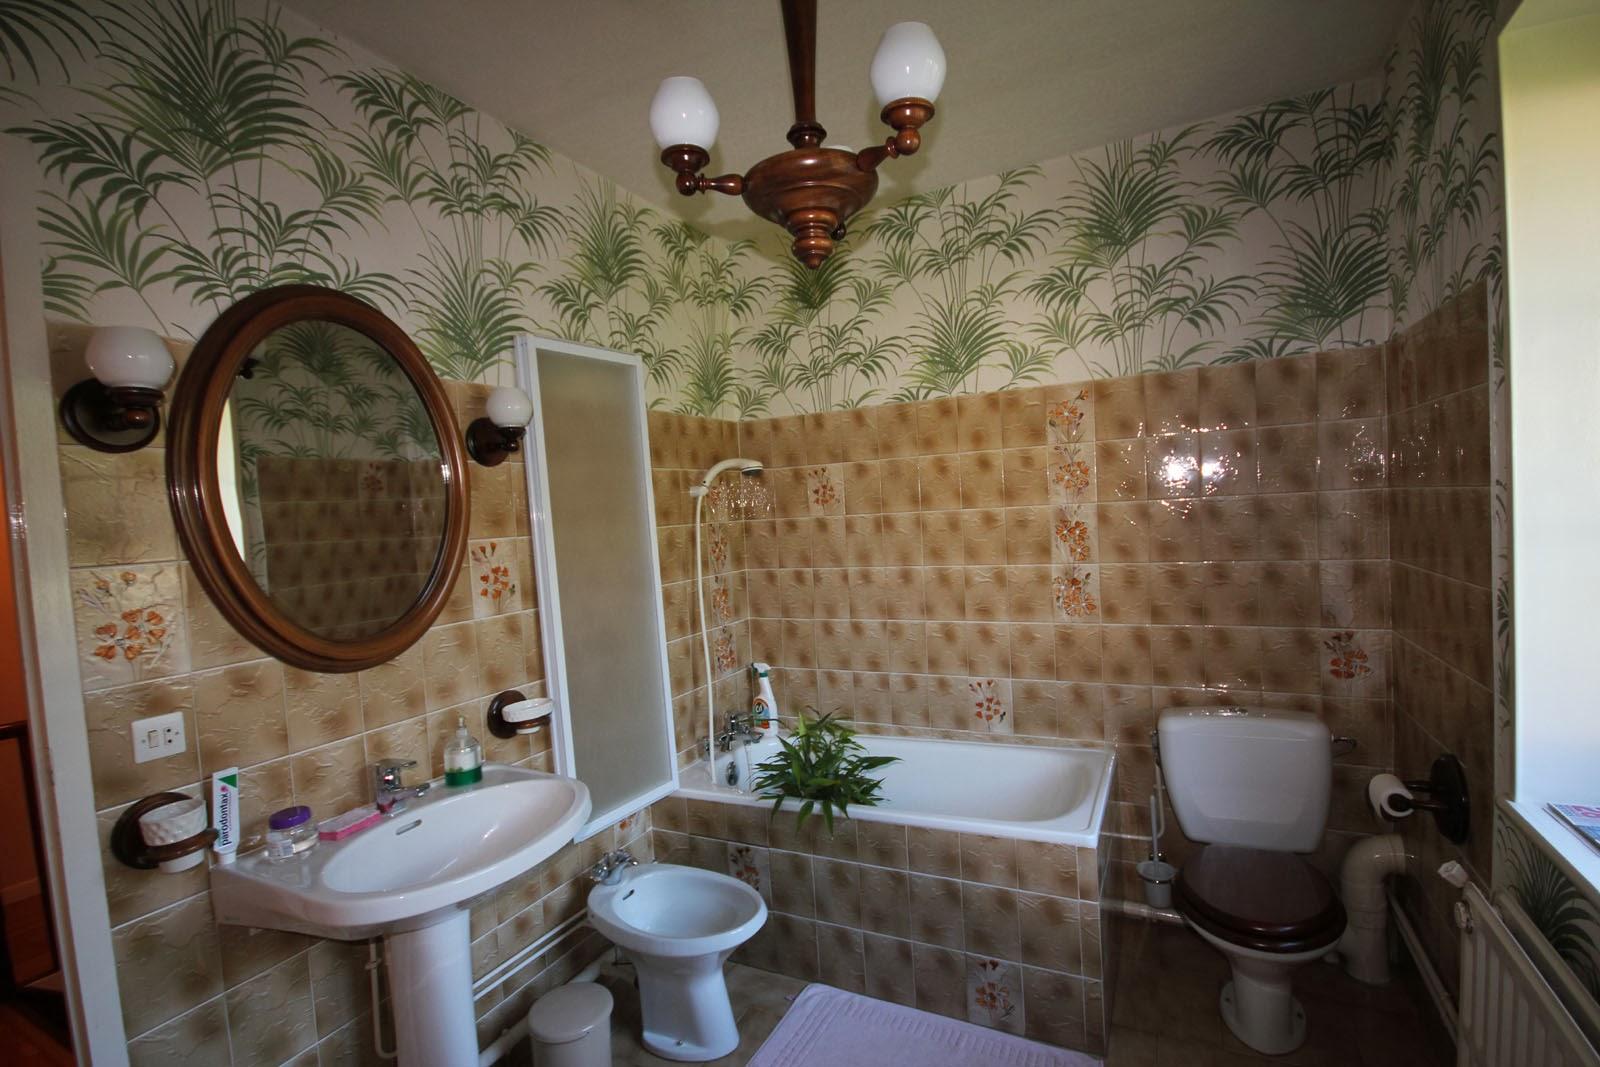 Bois prieur la maison dans la for t relooking de salle - Relooking salle de bain avant apres ...